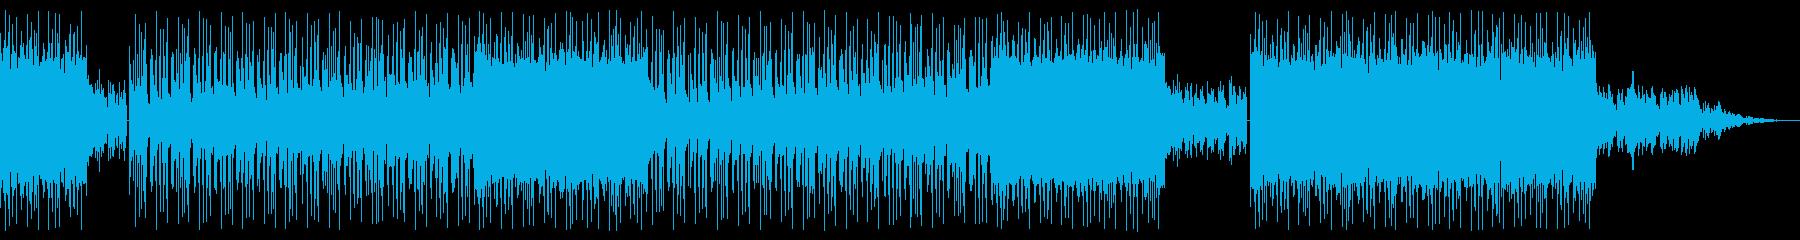 壮大で儚げなBGMの再生済みの波形